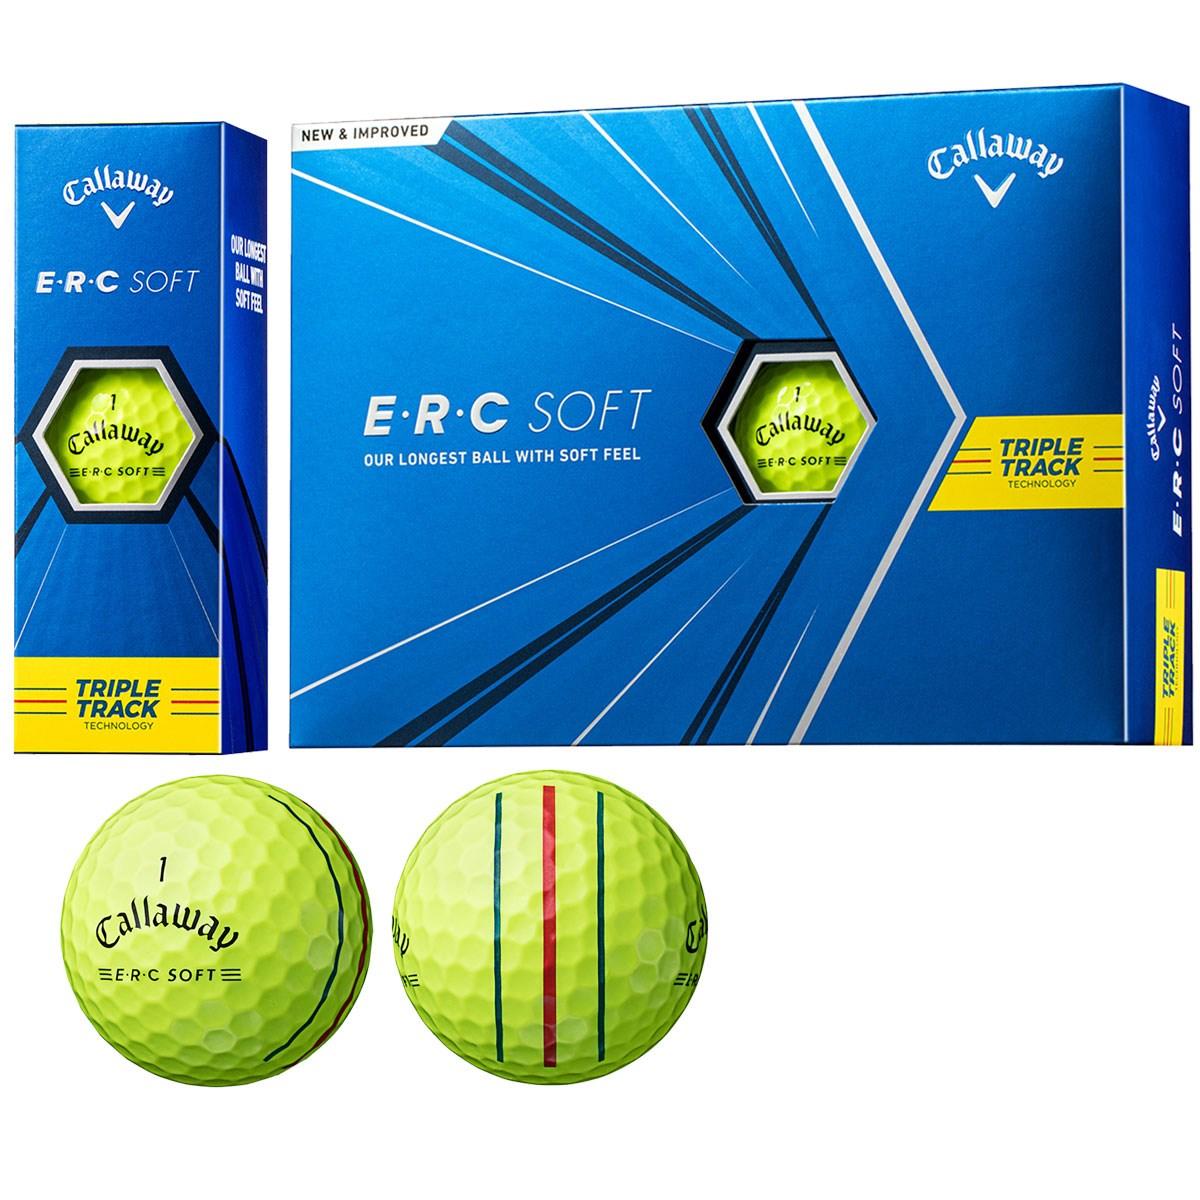 キャロウェイゴルフ E・R・C ERC SOFT 21 TRIPLE TRACKボール 1ダース(12個入り) イエロー